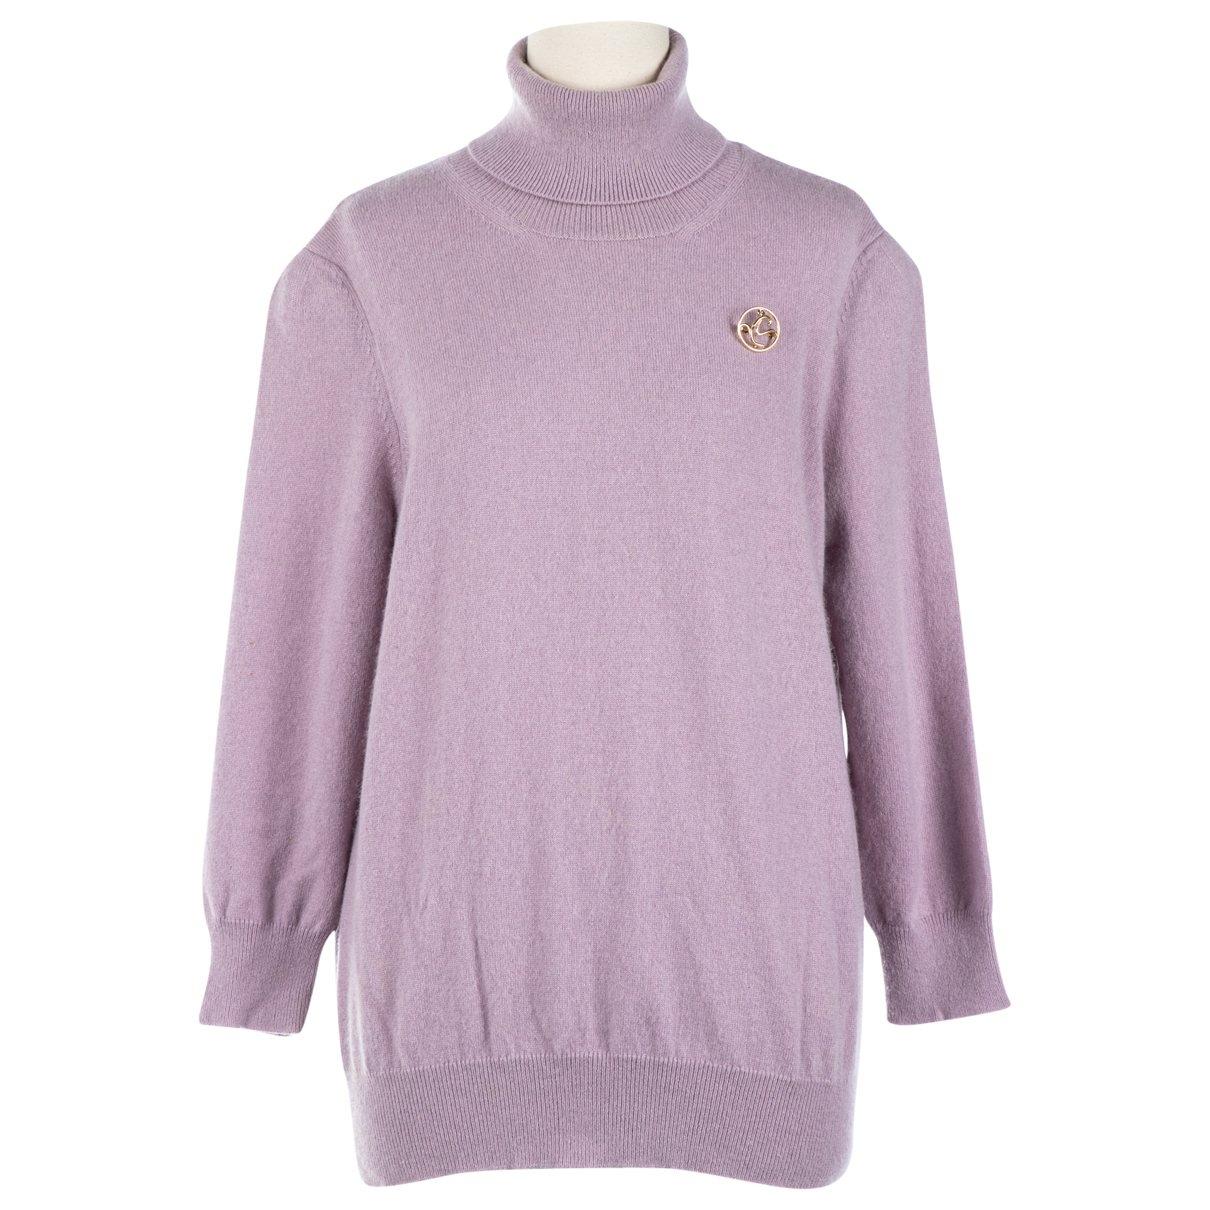 Louis Vuitton - Pull   pour femme en cachemire - violet